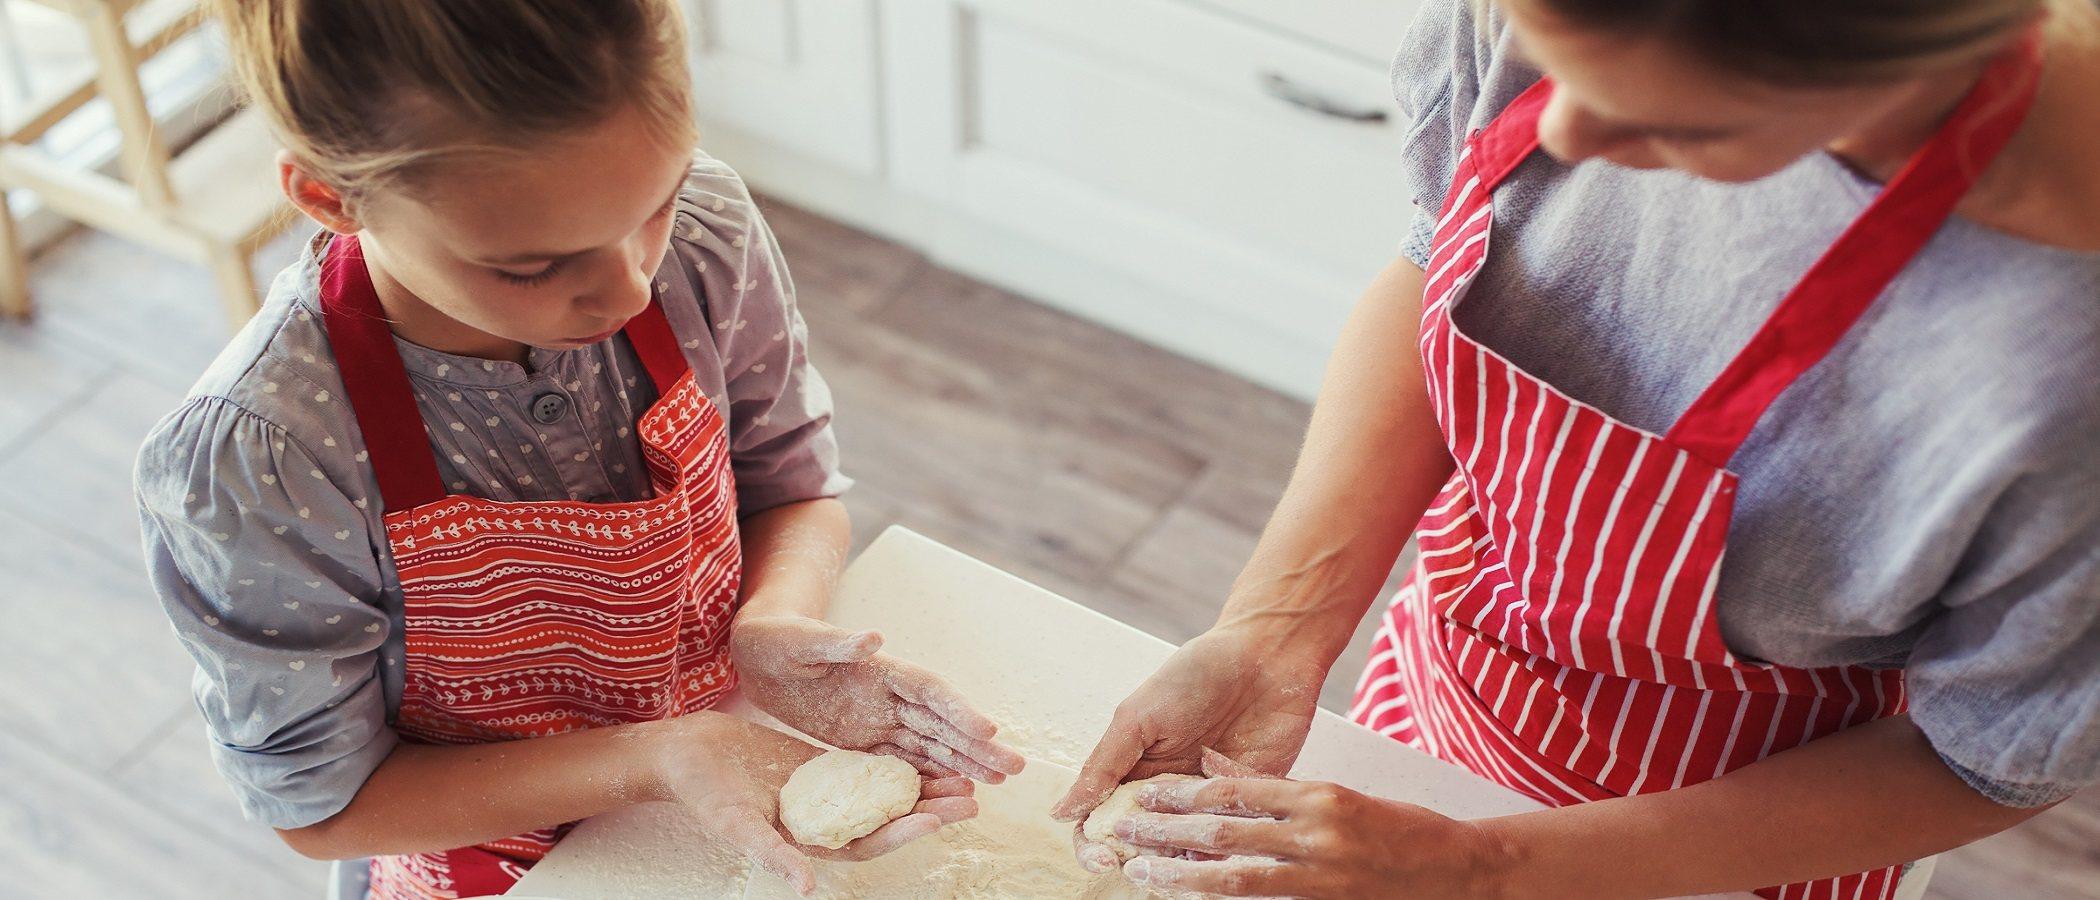 Buenos hábitos en el hogar que tus hijos deben aprender YA